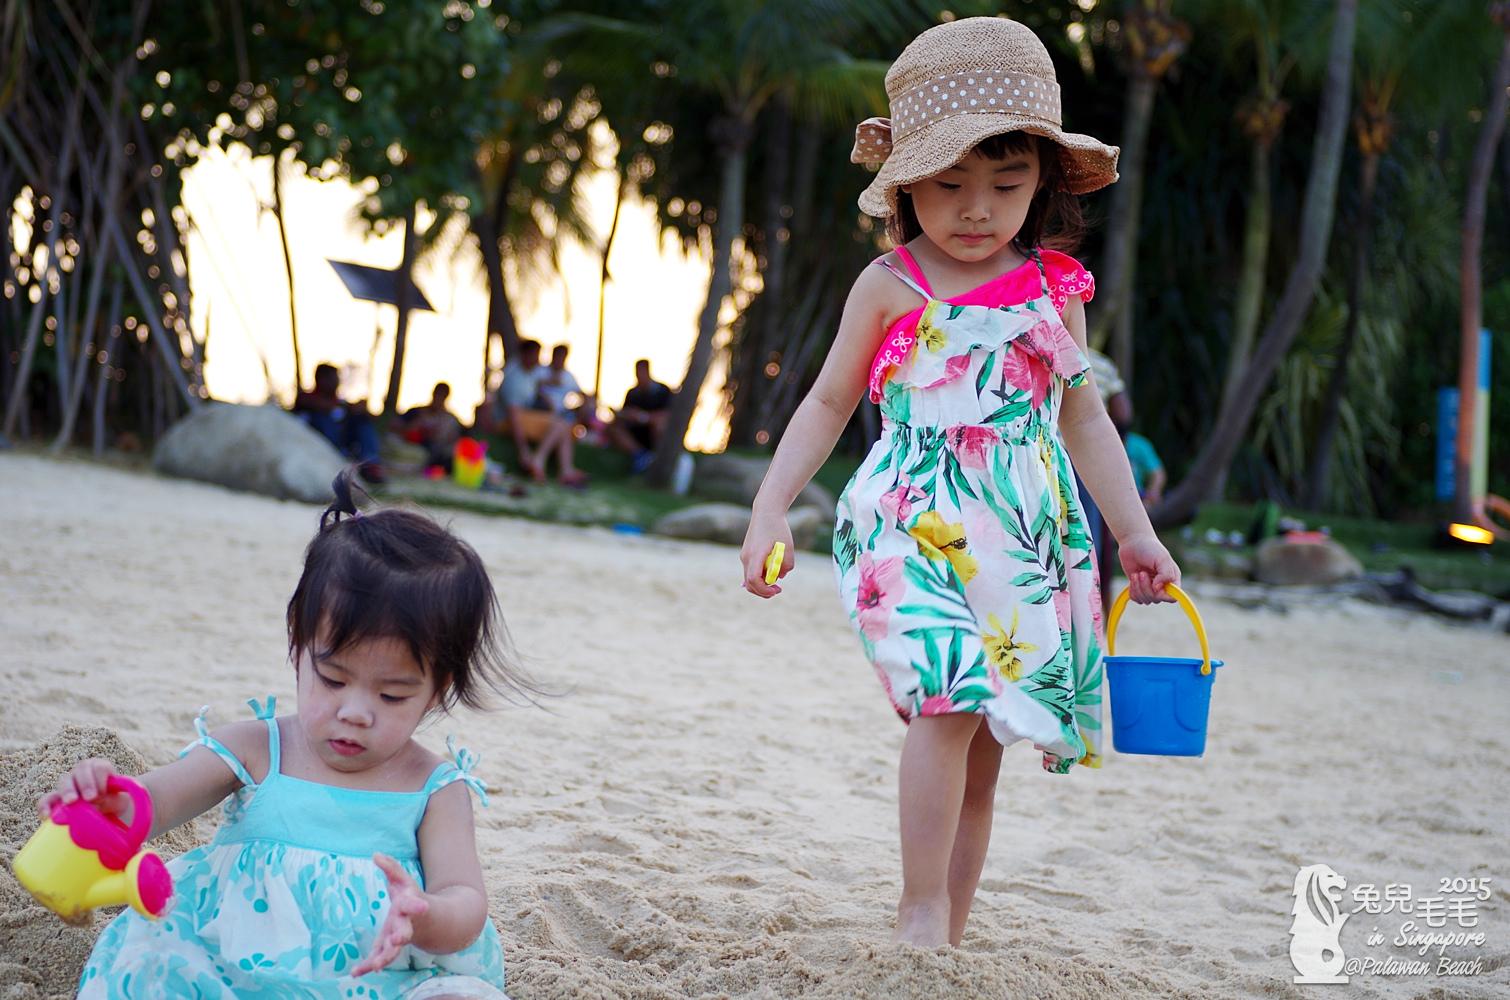 0215-palawan beach-35.jpg